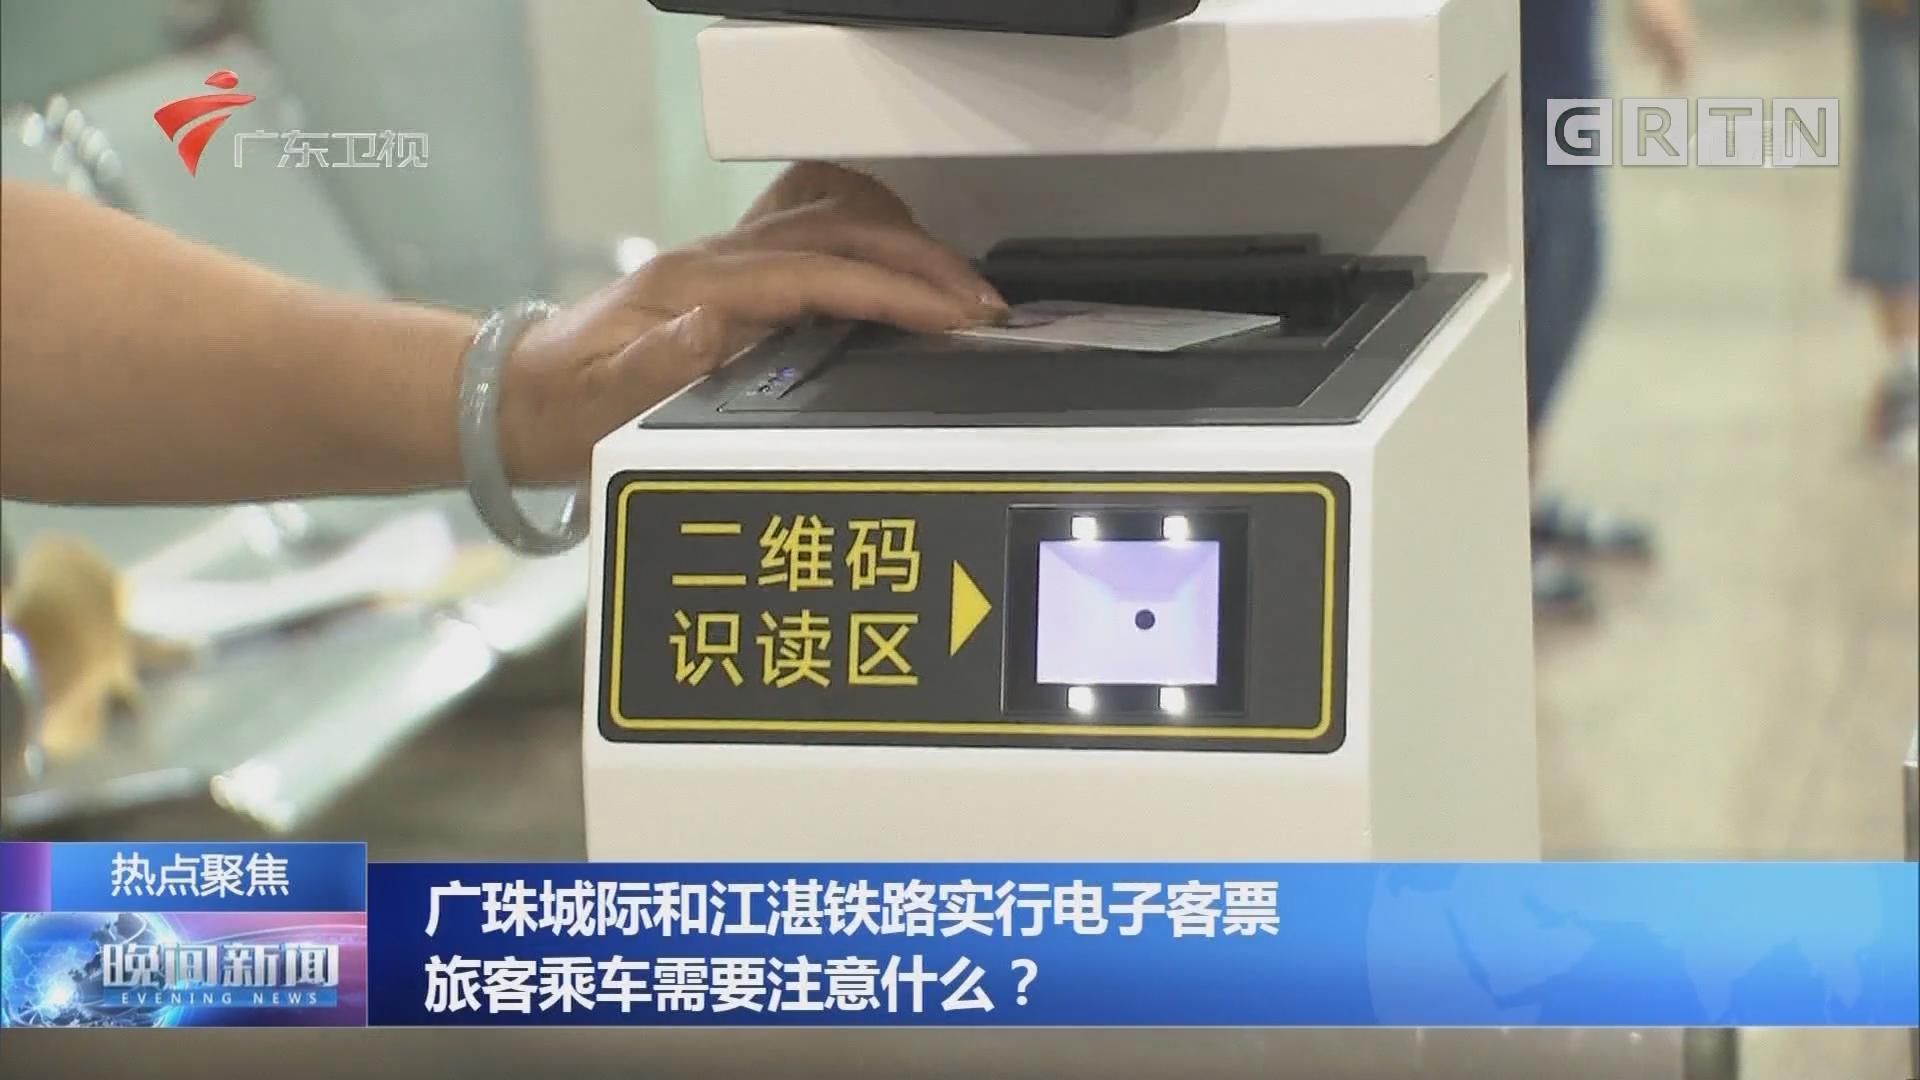 广珠城际和江湛铁路实行电子客票 旅客乘车需要注意什么?